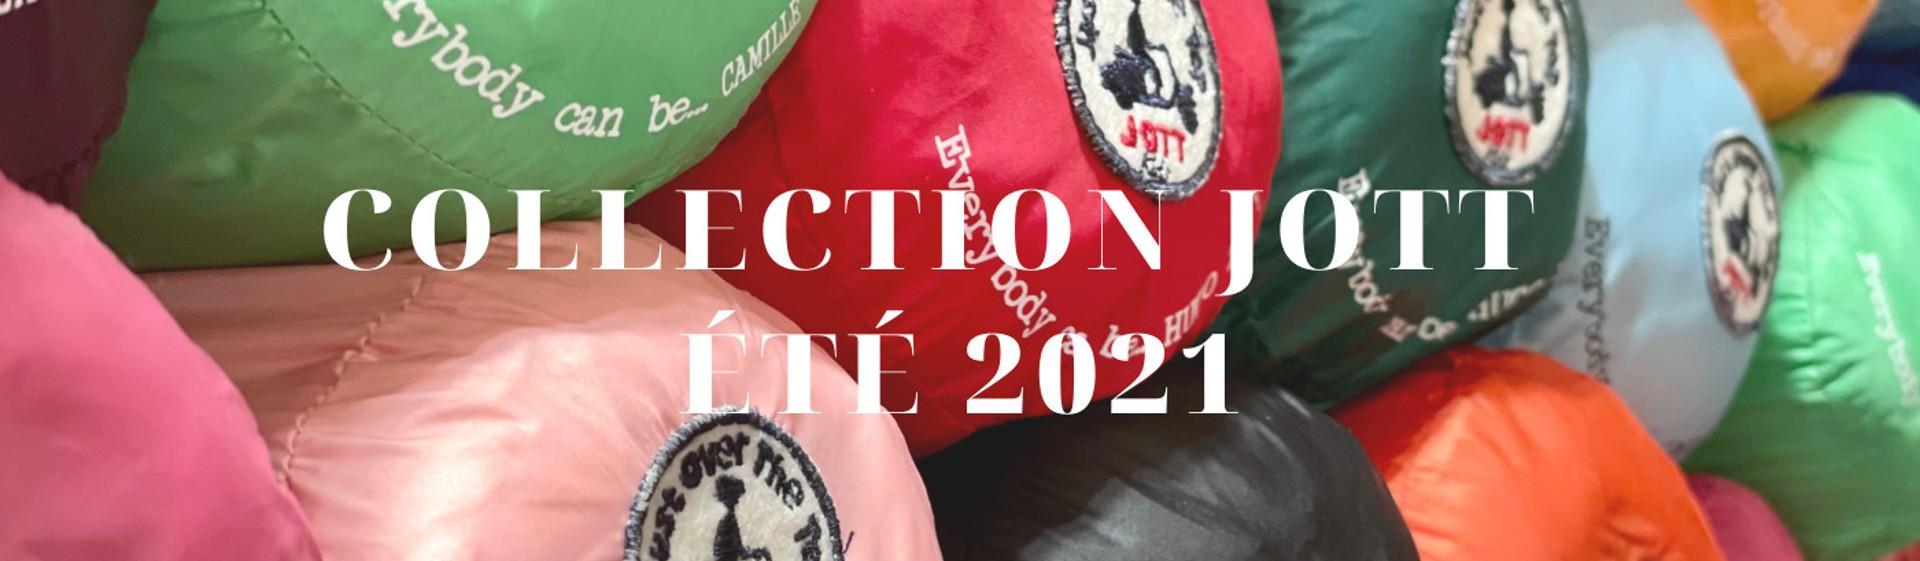 Collection JOTT été 2021 - Zélie m'a dit